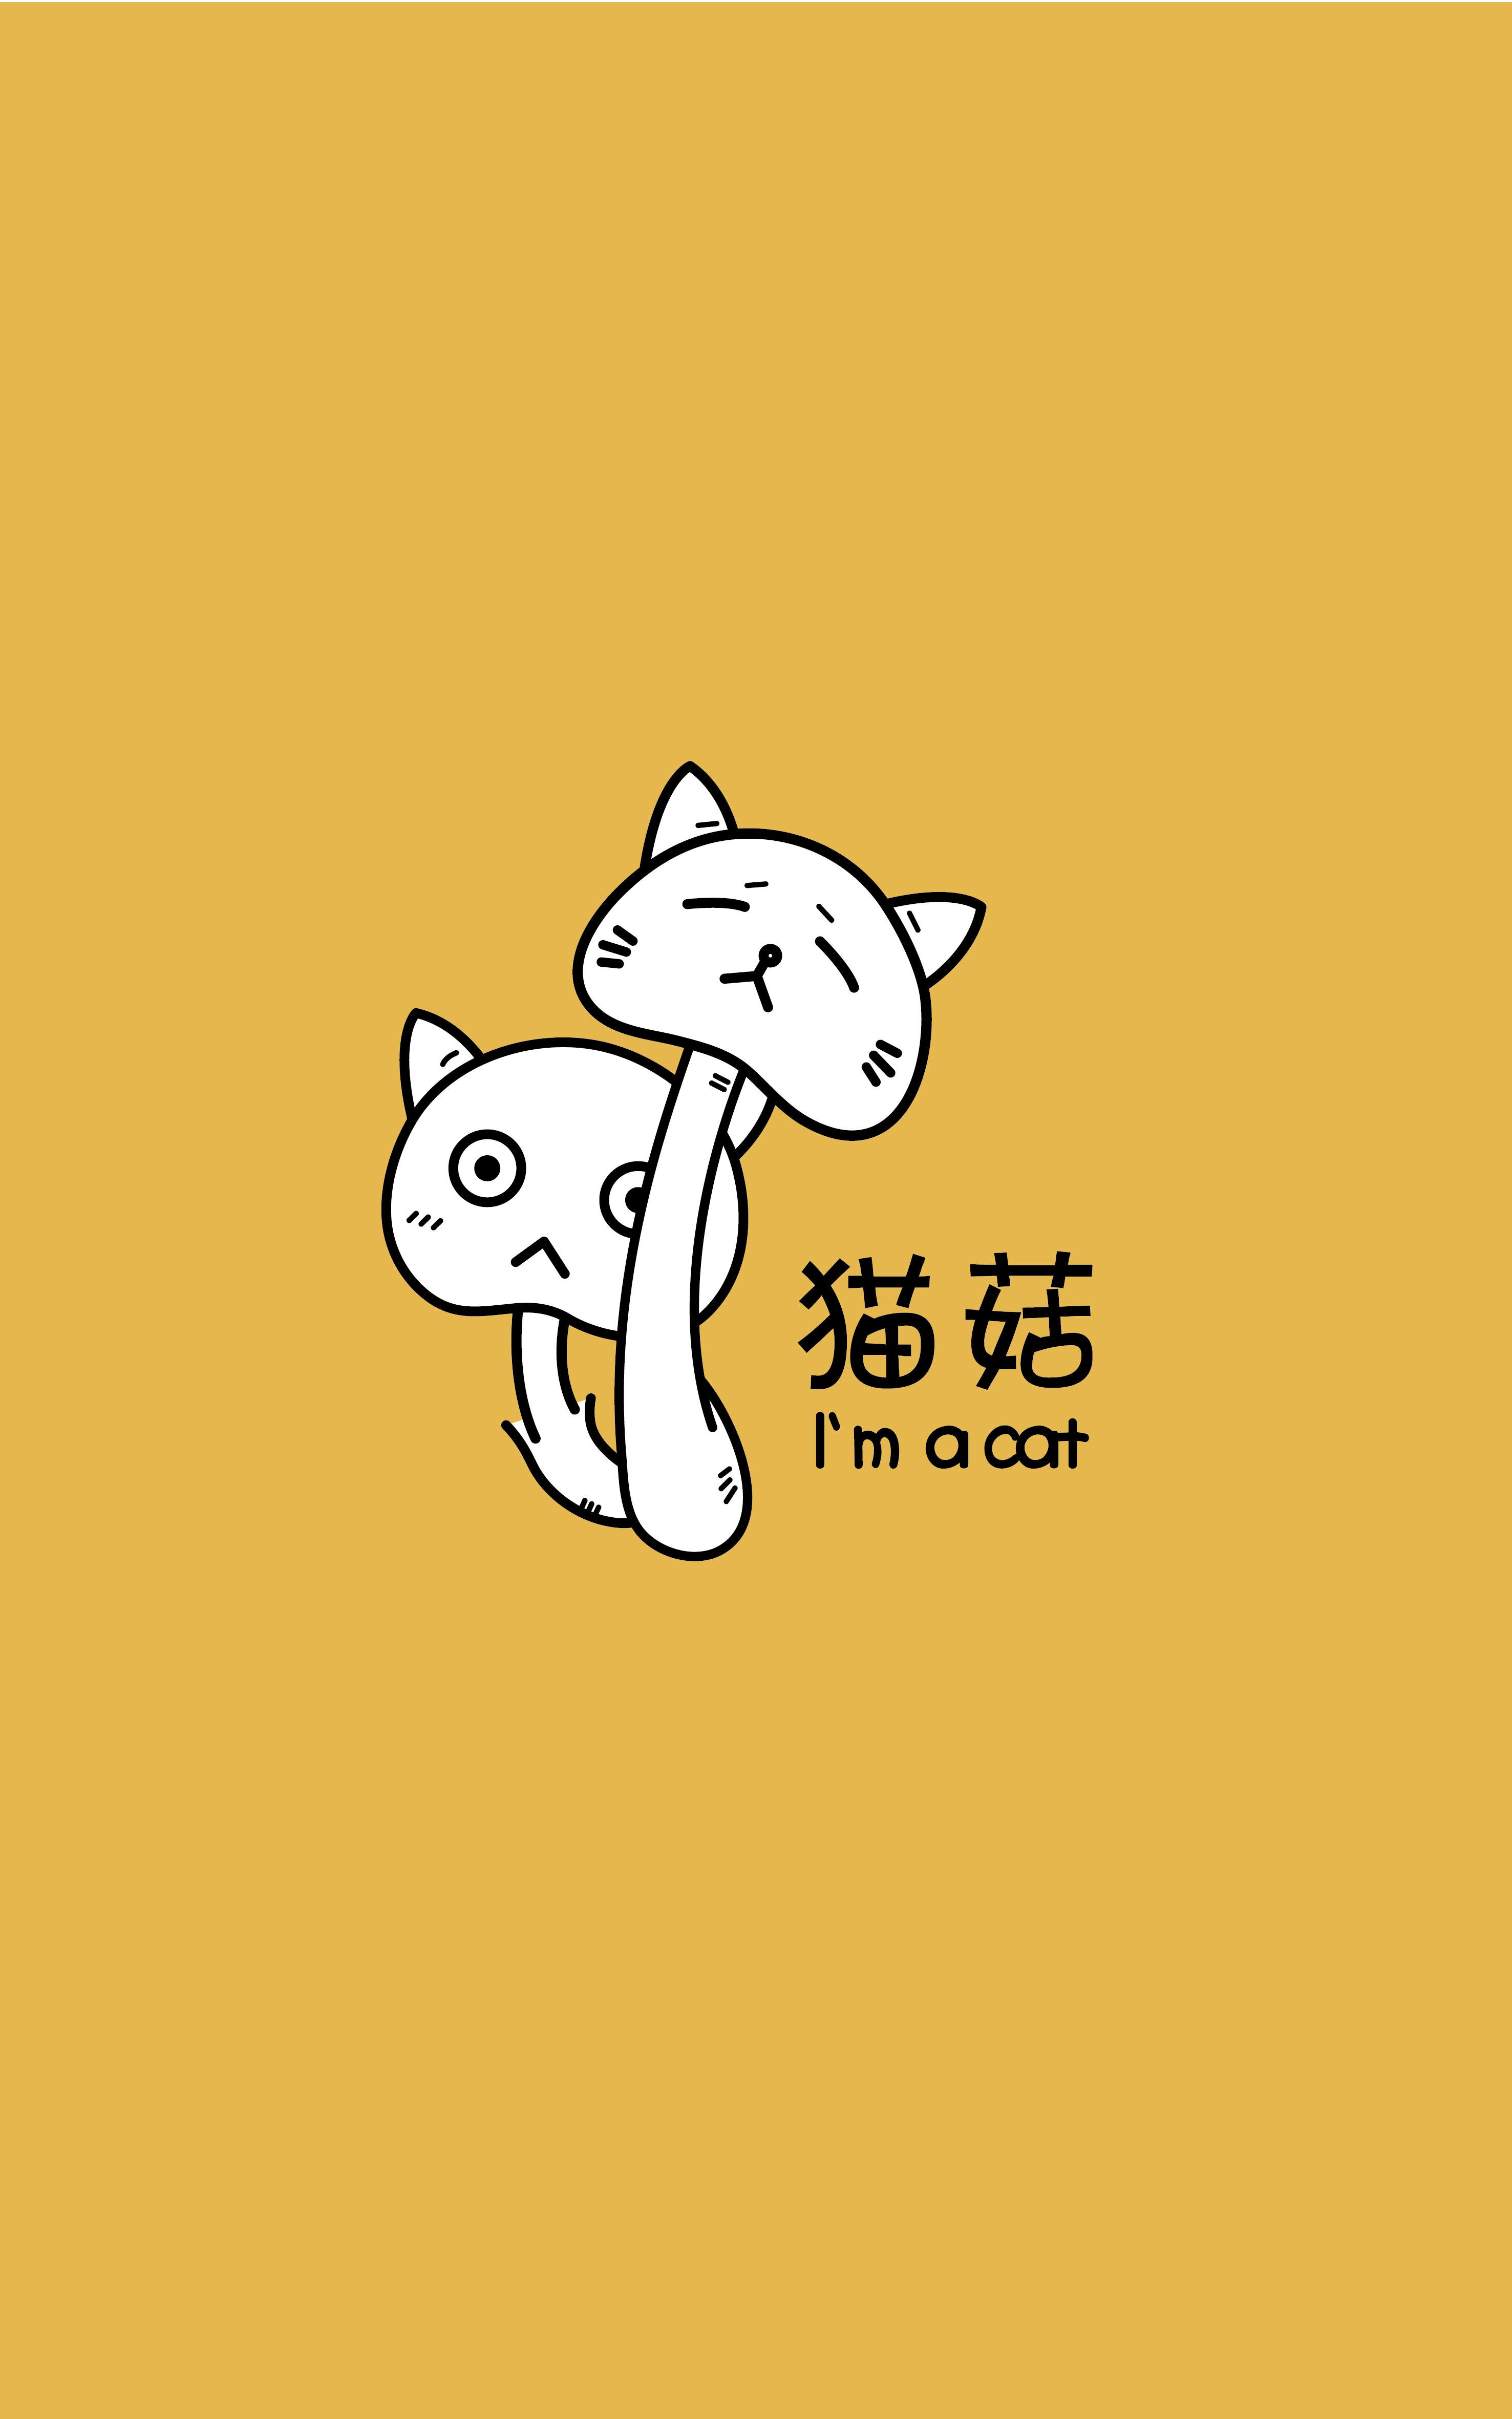 猫菇一个有猫病的设计——闲暇时候的练习作博